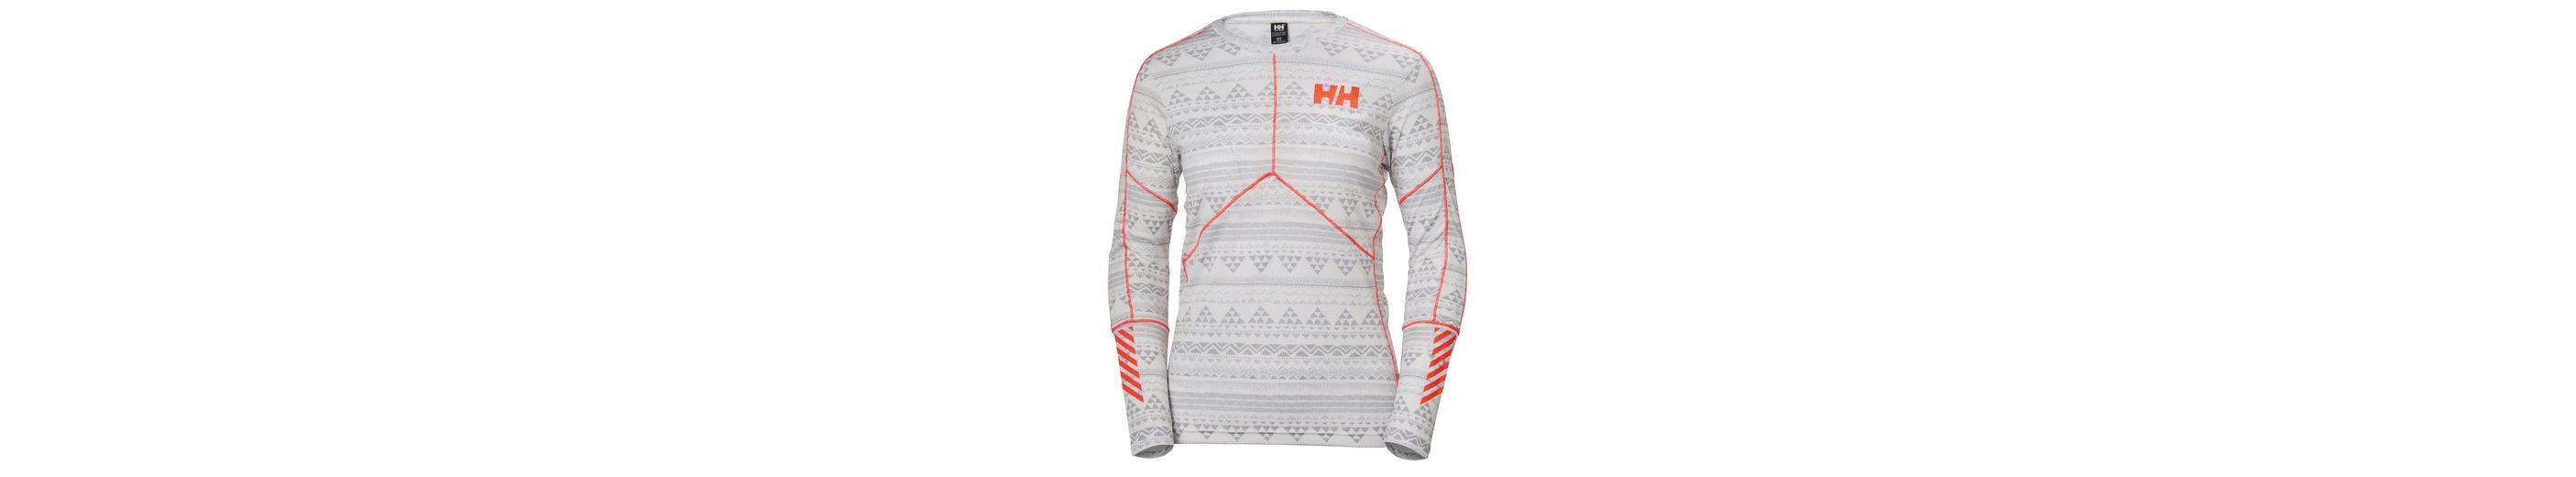 Helly Hansen Damen Sportbekleidung LIFA ACTIVE GRAPHIC CREW Günstig Kaufen Fabrikverkauf Fälschung 8J9RBIdA